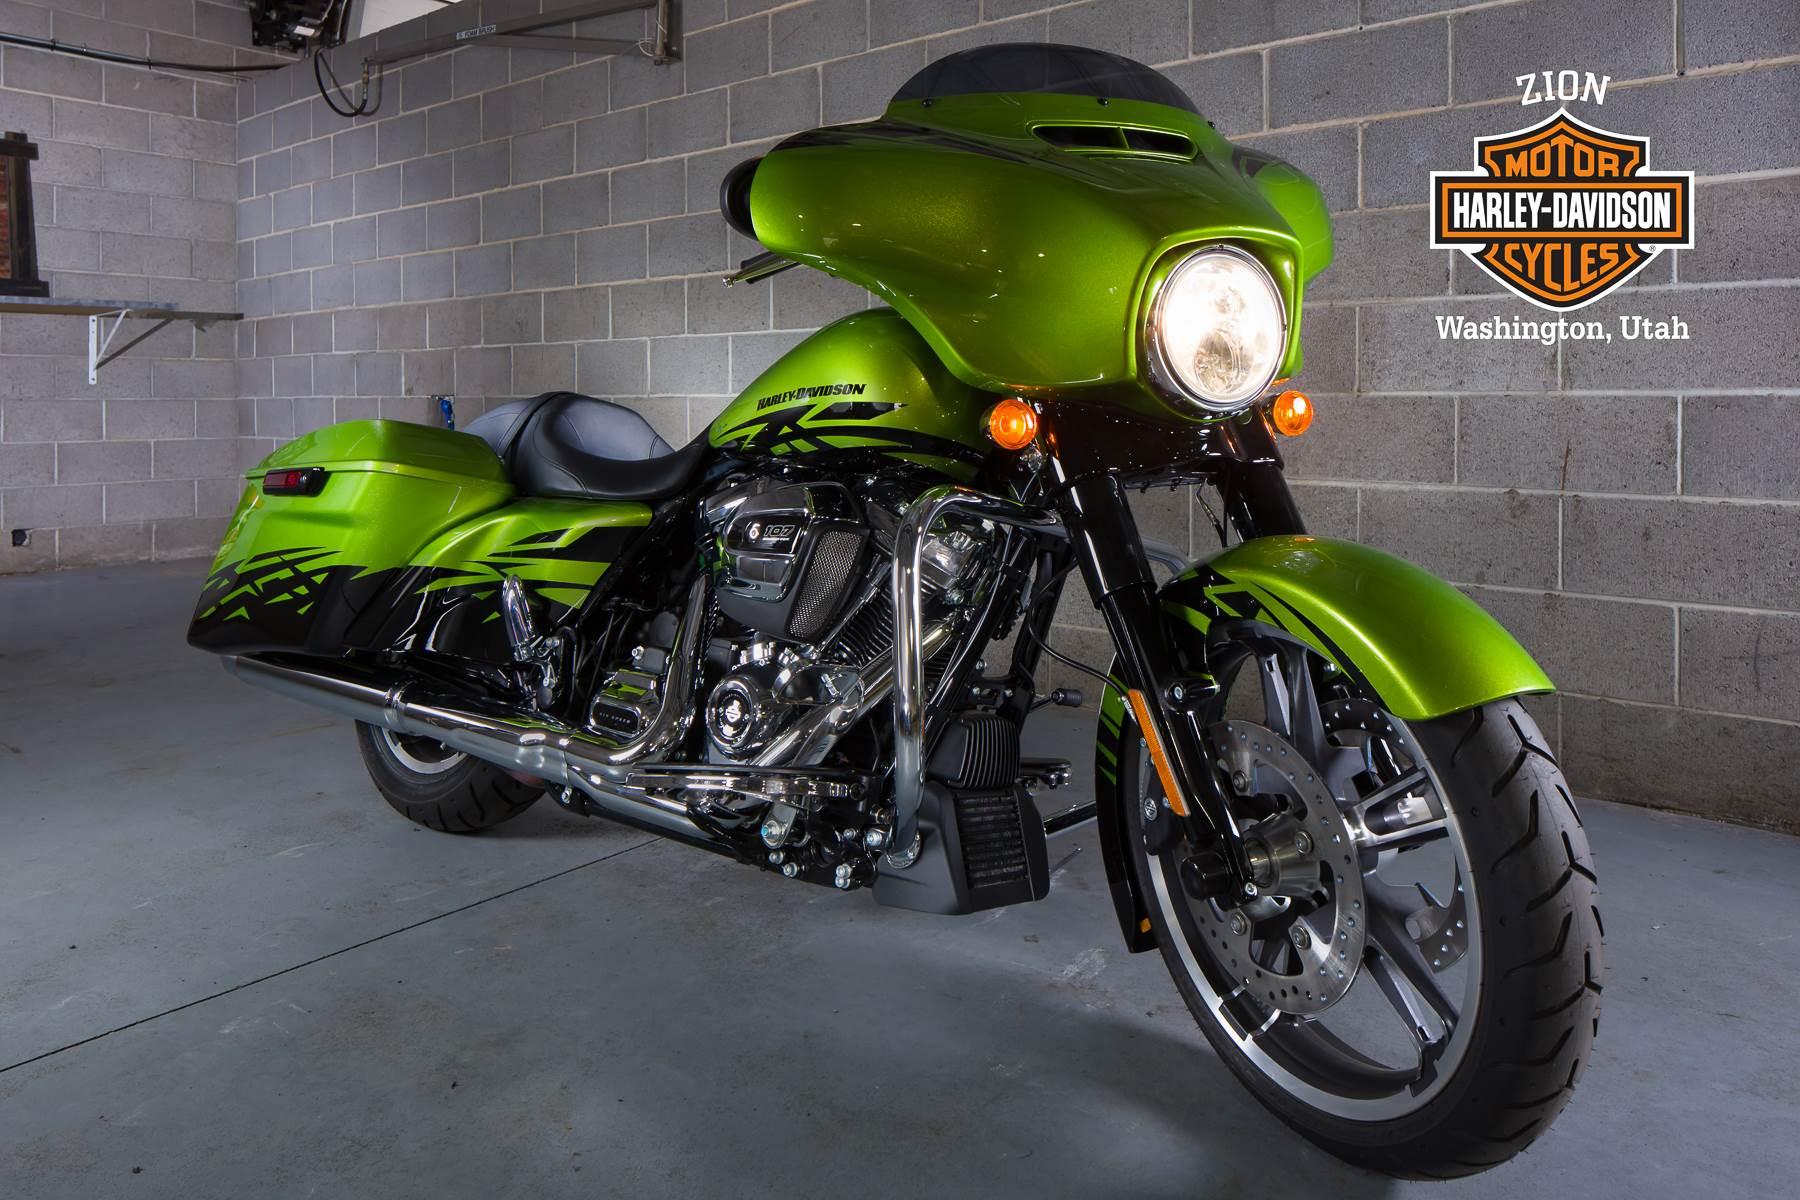 2017 Harley-Davidson Street Glide Special for sale 5462